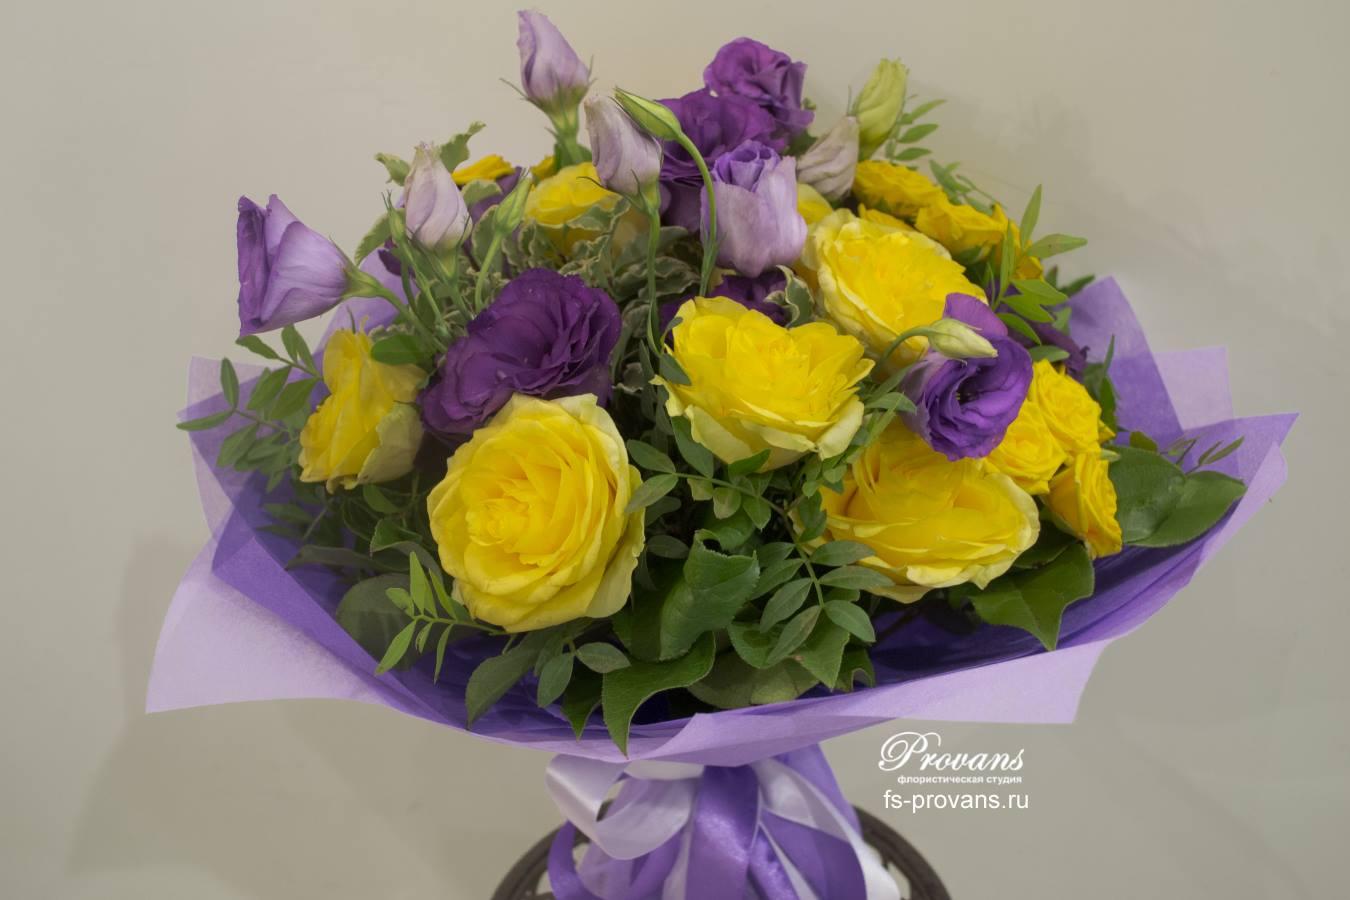 Букет желтый фиолет